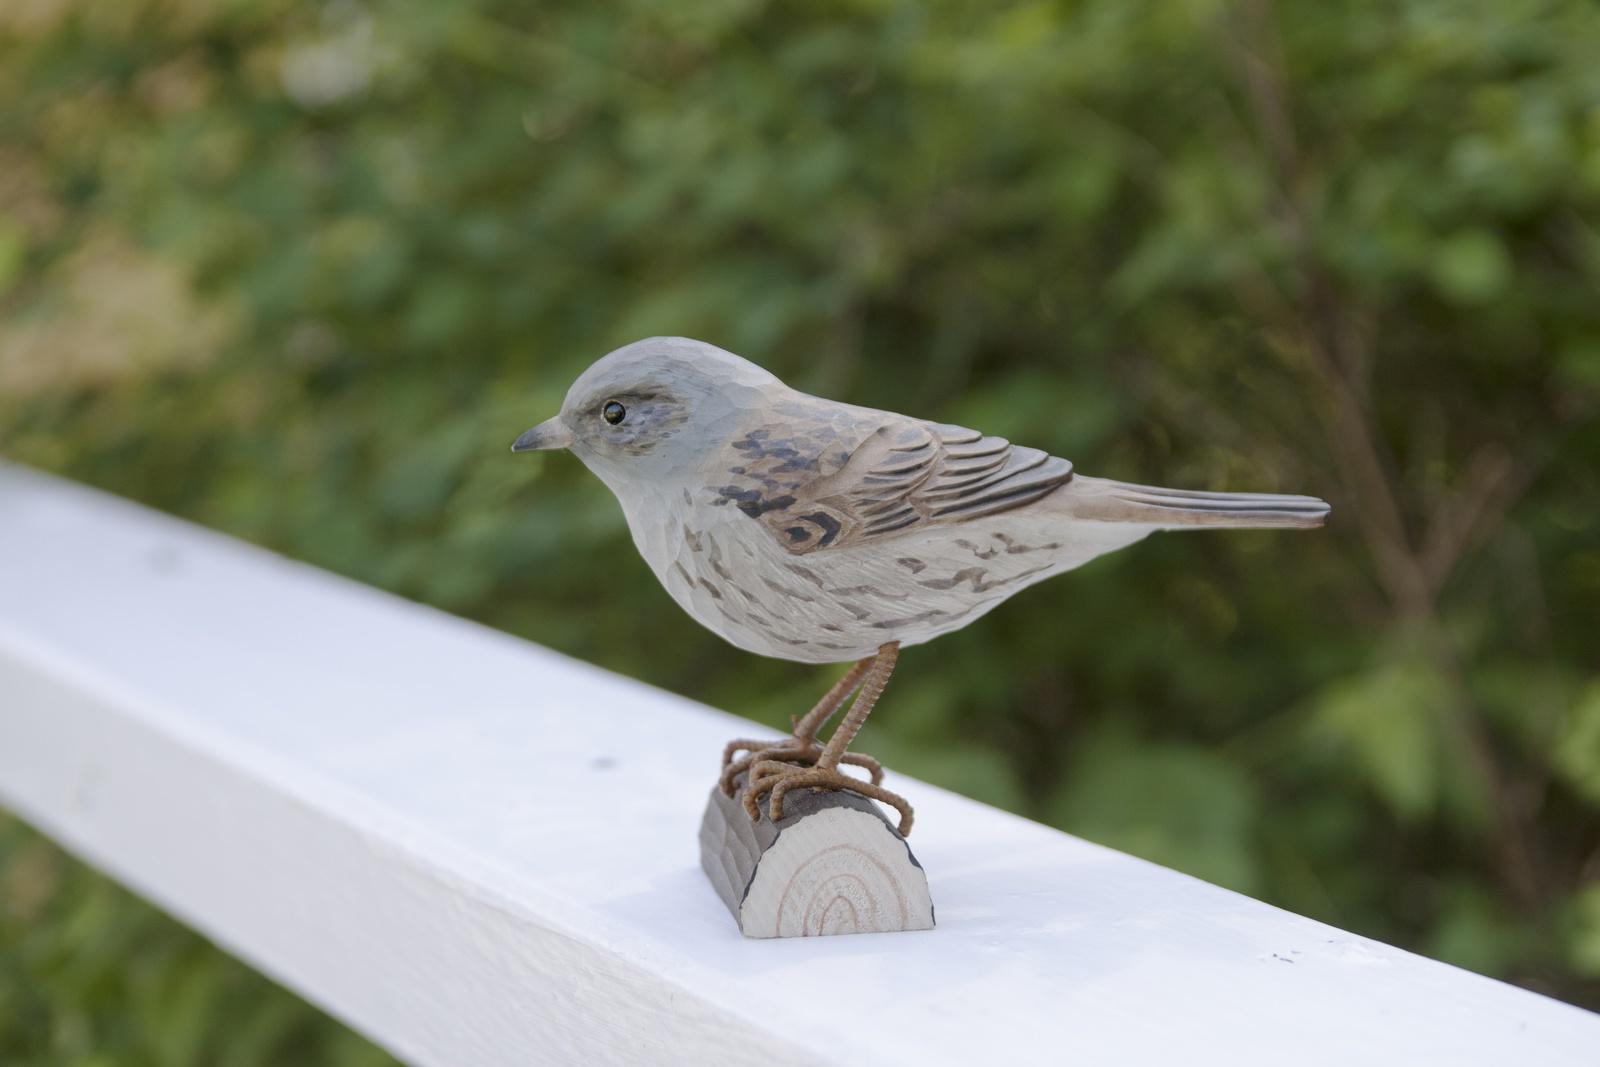 Фигурка декоративная Wildlife Garden Dunnock, WG427, ручная работаWG427Материал: дерево (липа). Все использованные материалы экологичны, не содержат вредных веществ и безопасны для птиц. Размер: высота 9 см, ширина 5 см, длина 13 см. Цвет: мультиколор. Вырезана и раскрашена вручную, упакована в подарочную упаковку и включает брошюру с информацией о птице.